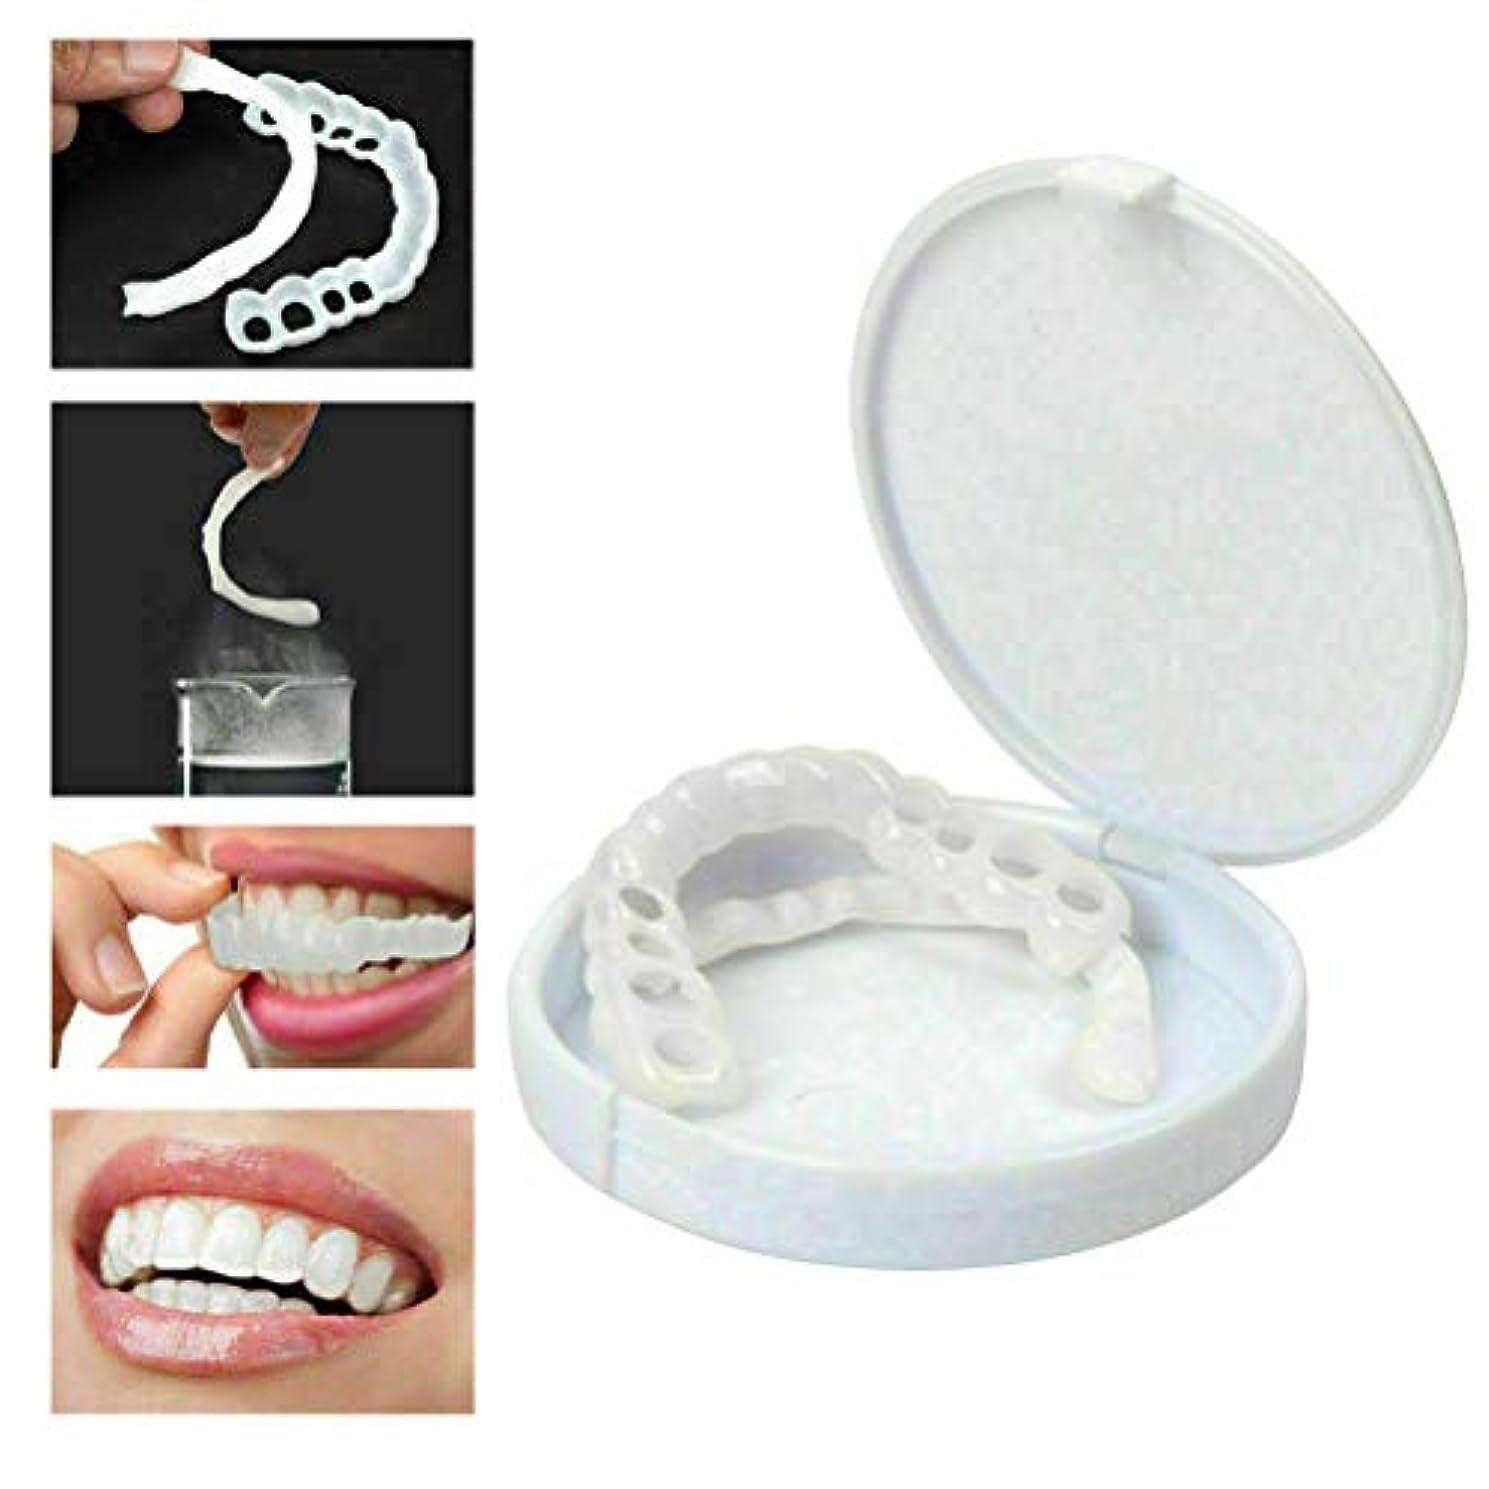 在庫ダイヤルひまわりKeemov 上歯下歯 シミュレーション 歯義歯 インスタント 笑顔 スマイル コンフォート フレックス ホワイトニングセット シリコーン ベニヤ歯 義歯ケア 偽の歯の底 化粧品 ビューティー